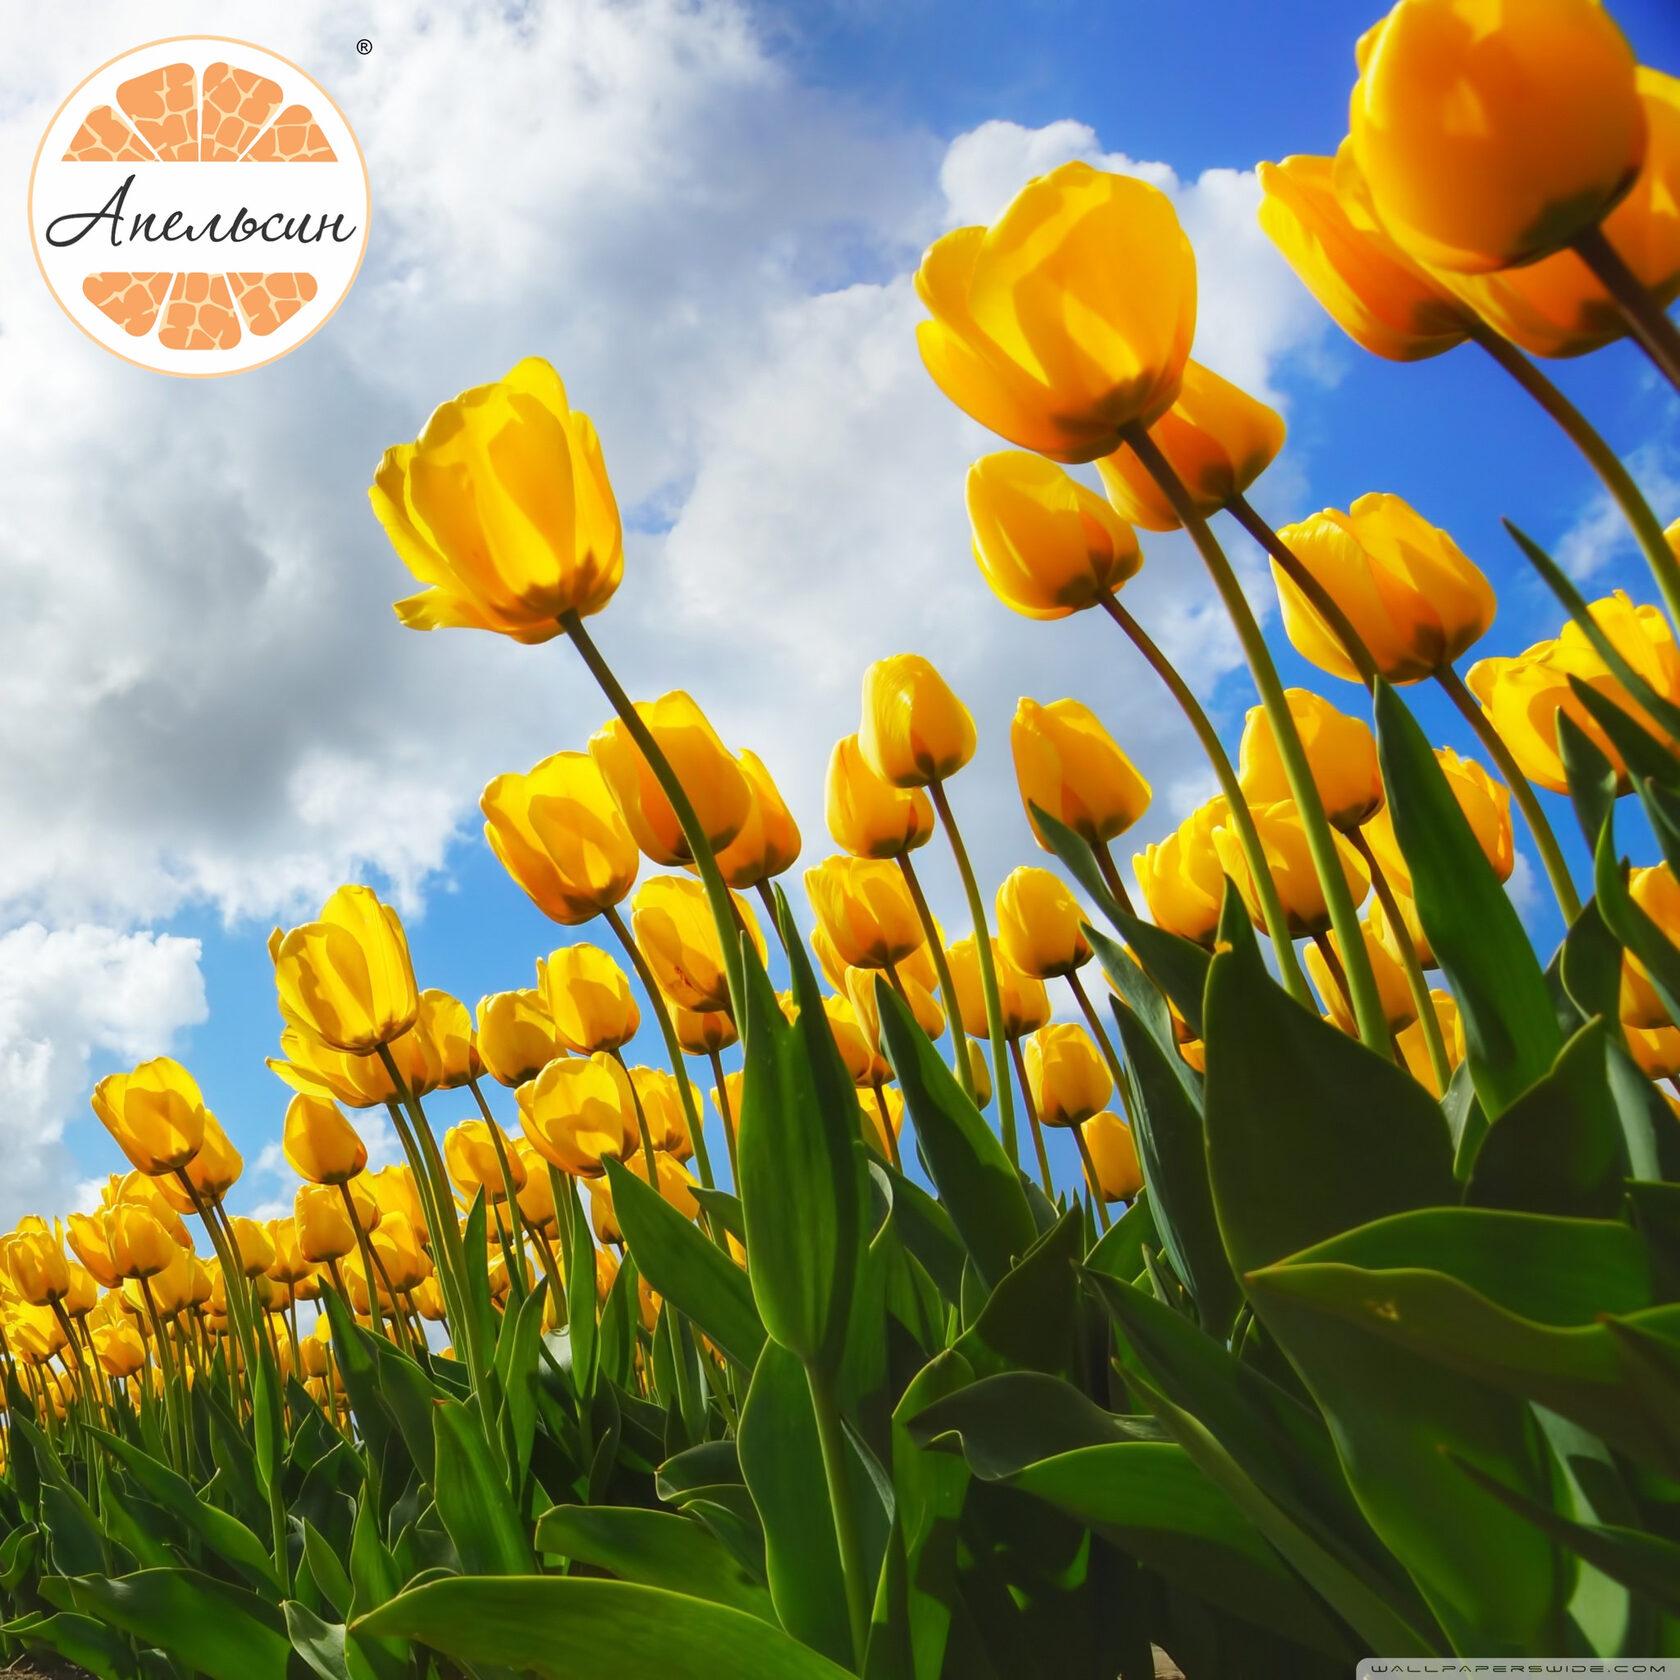 новый весенний апельсиновый плейлист для отличного настроения